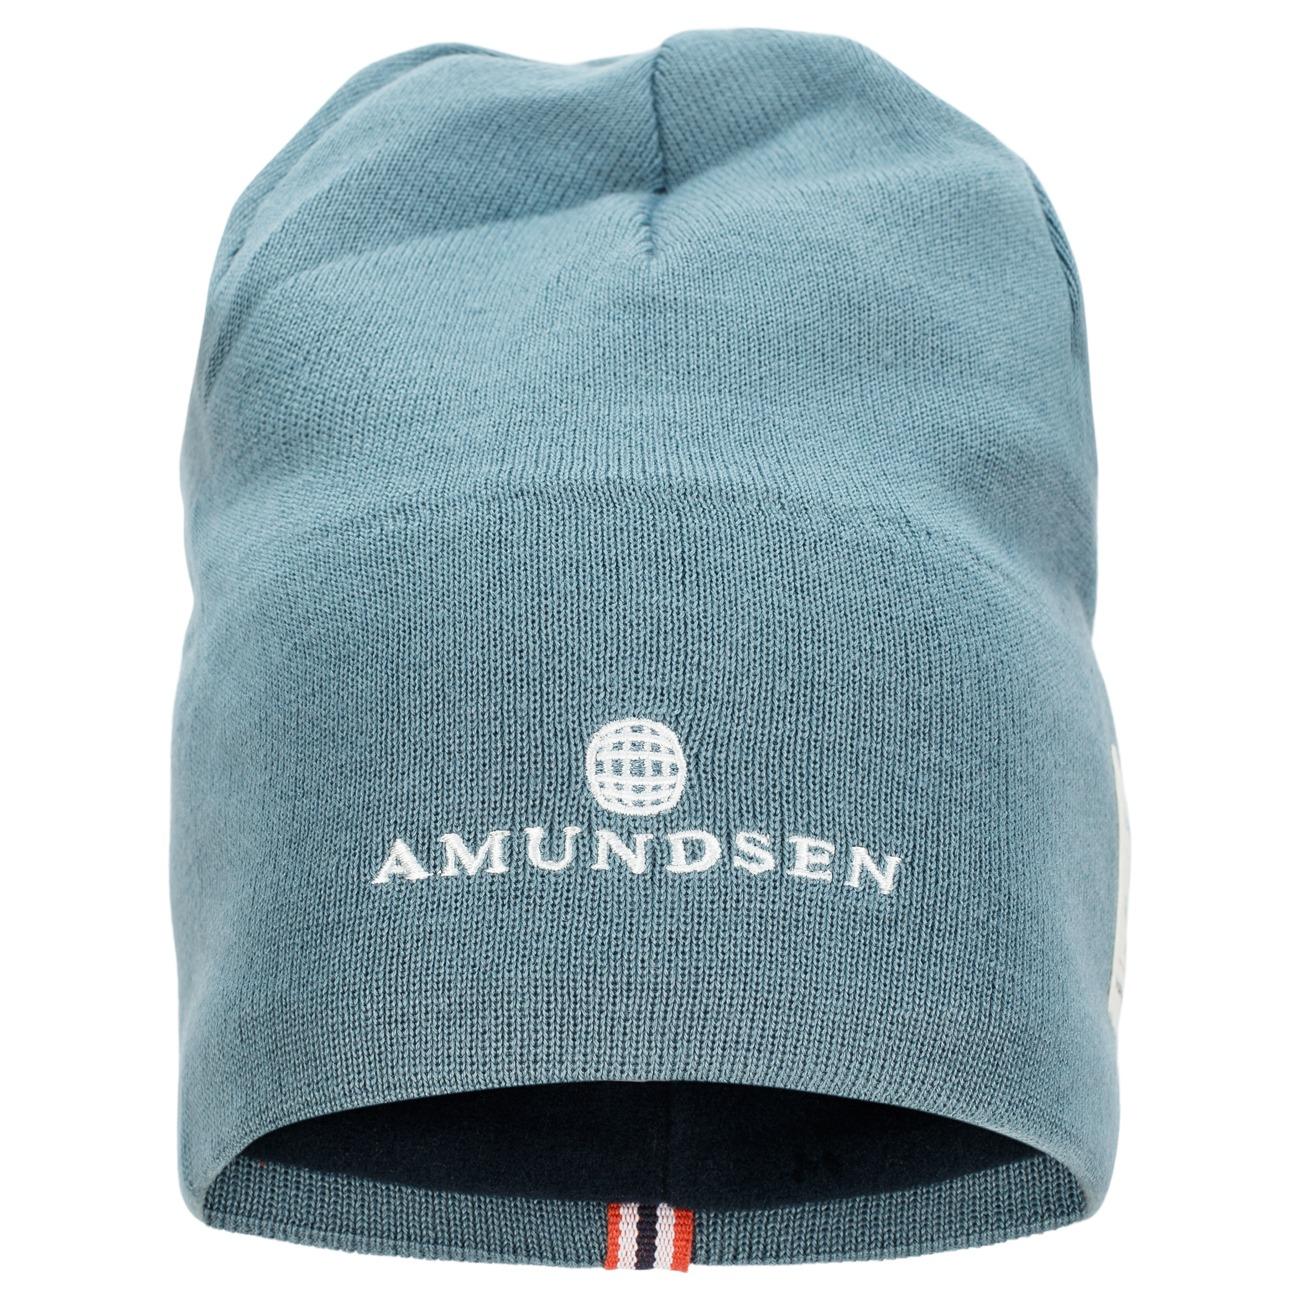 Amundsen 5MILA BIEANIE